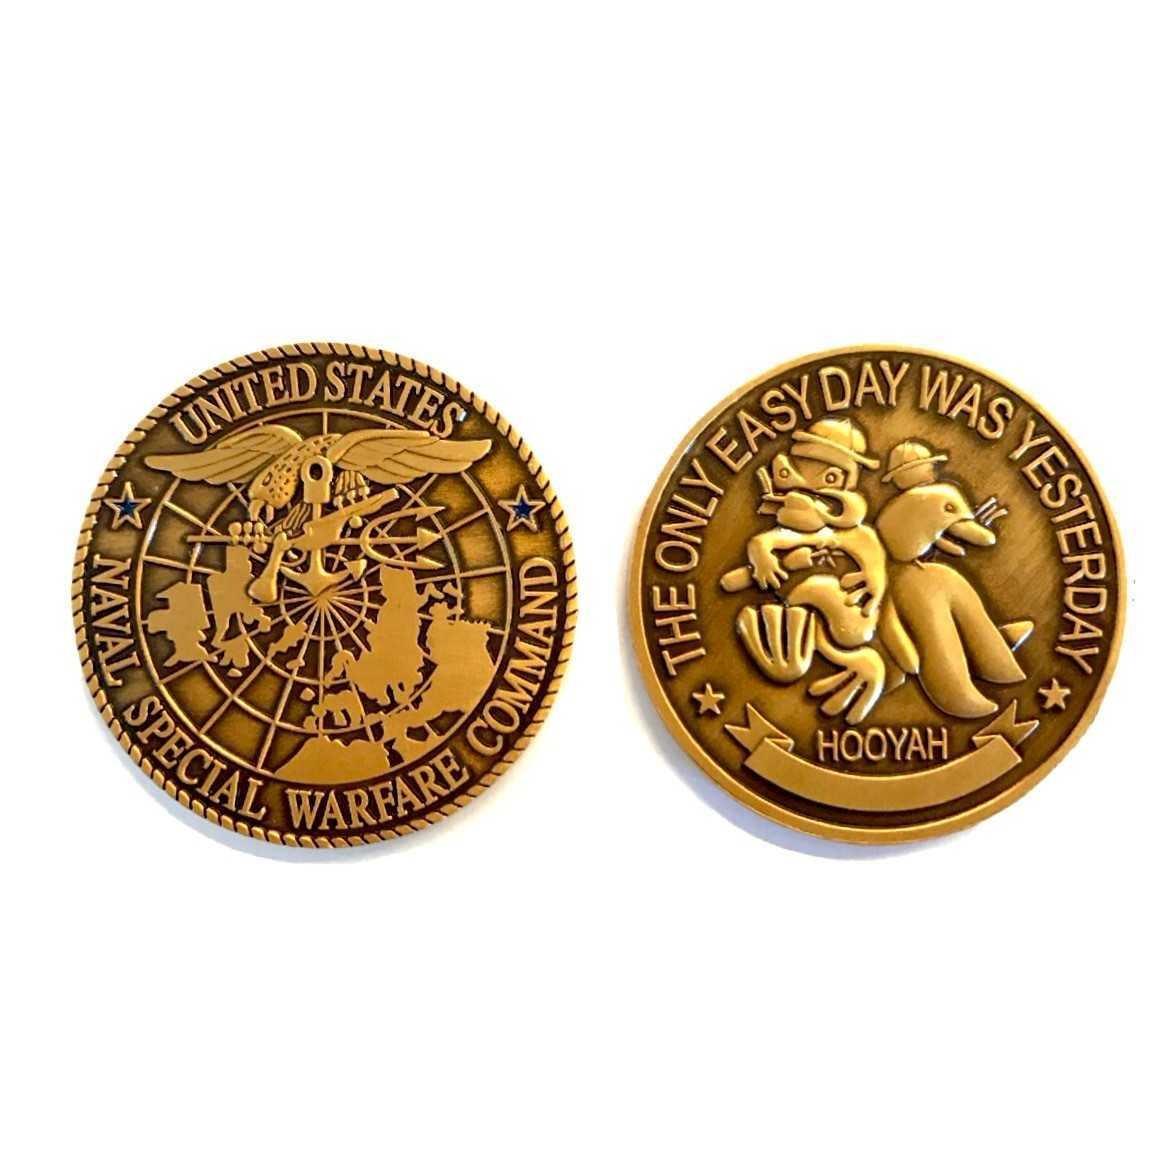 WARCOM Coin